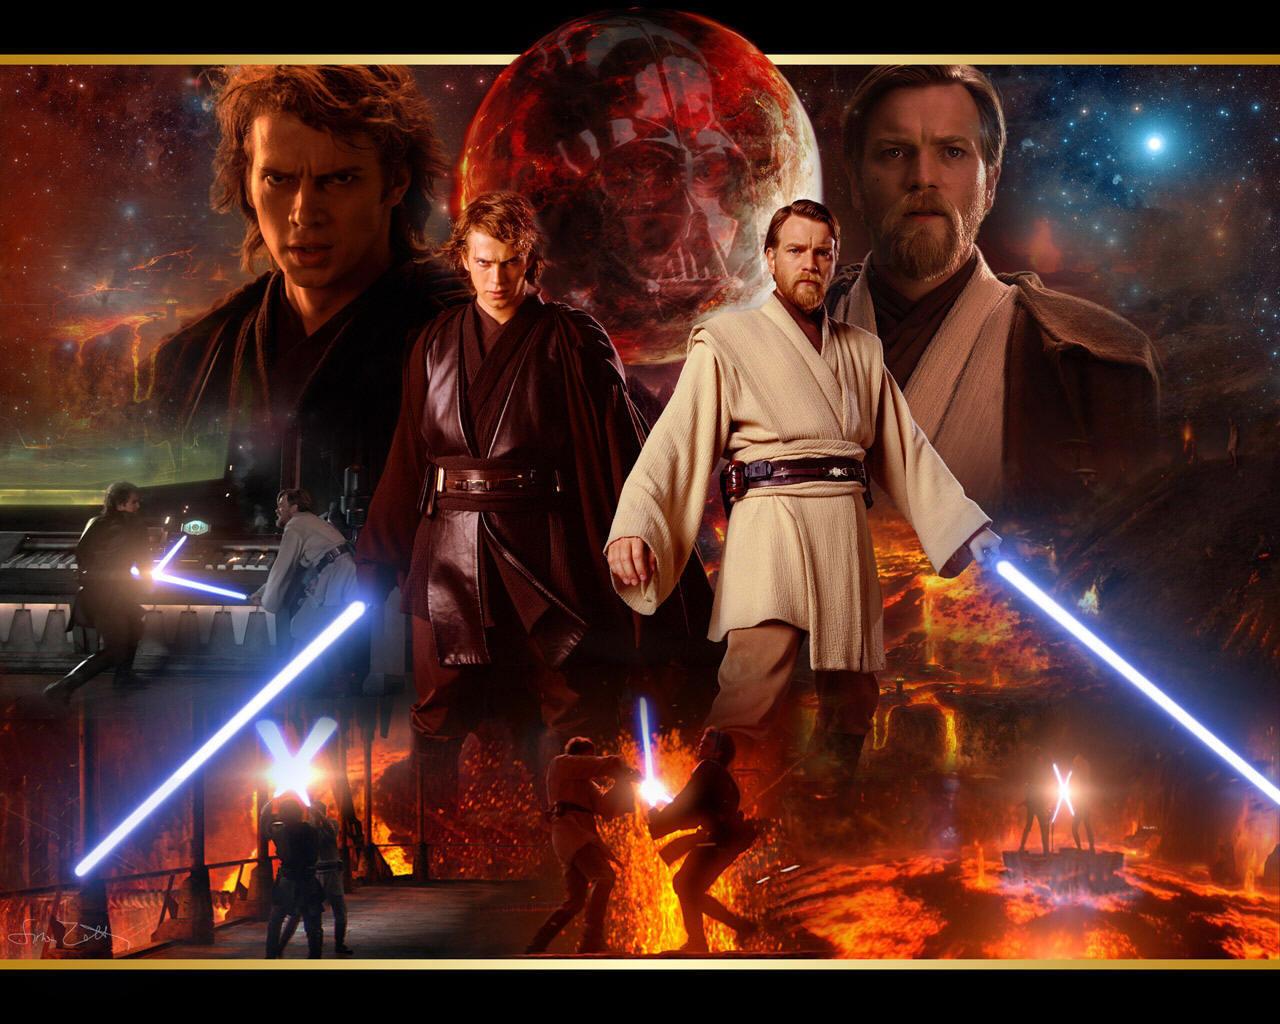 Obi-Wan and Anakin - obi-wan kenobi and Anakin skywalker ...